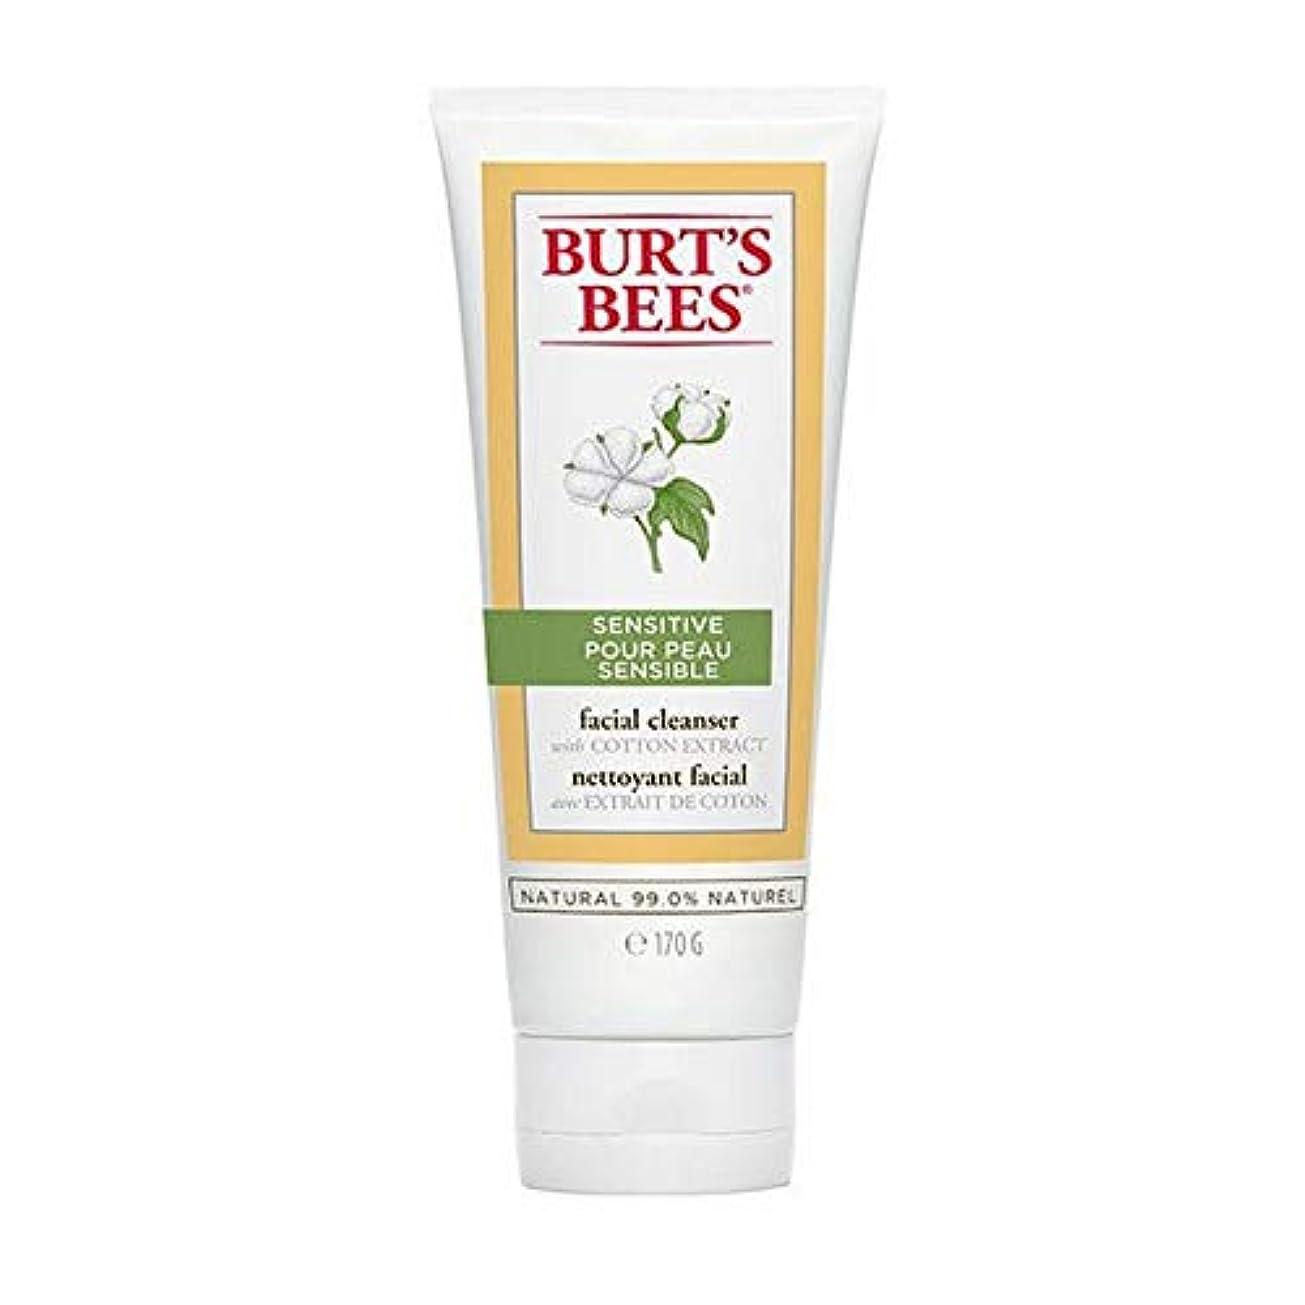 敬の念挑発する実り多い[Burt's Bees ] バーツビー敏感肌洗顔料の170グラム - Burt's Bees Sensitive Skin Facial Cleanser 170g [並行輸入品]